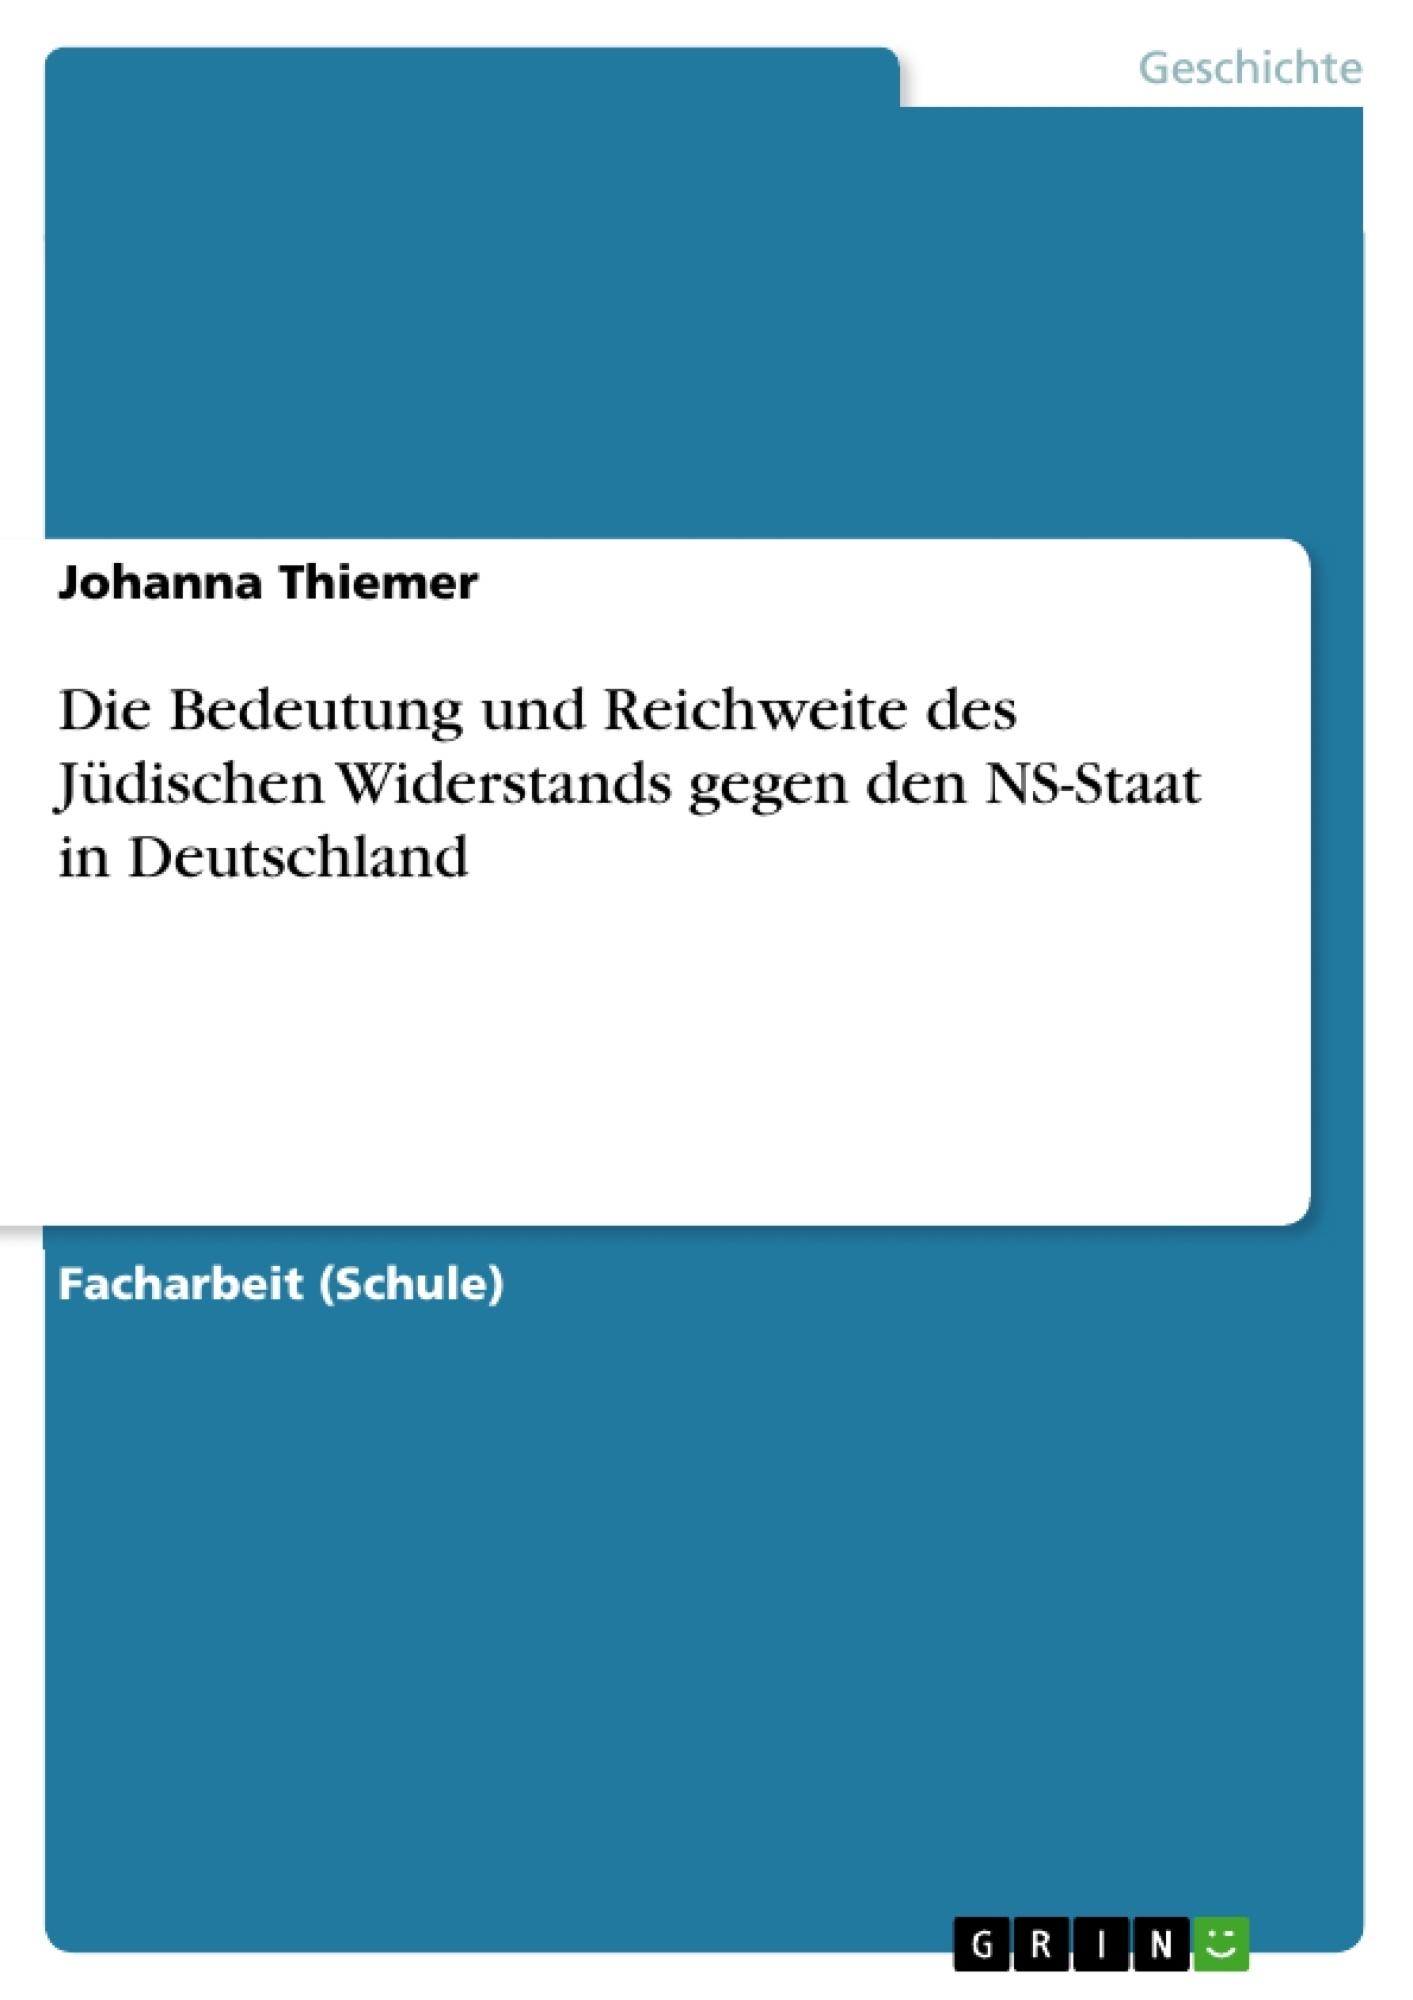 Titel: Die Bedeutung und Reichweite des Jüdischen Widerstands gegen den NS-Staat in Deutschland